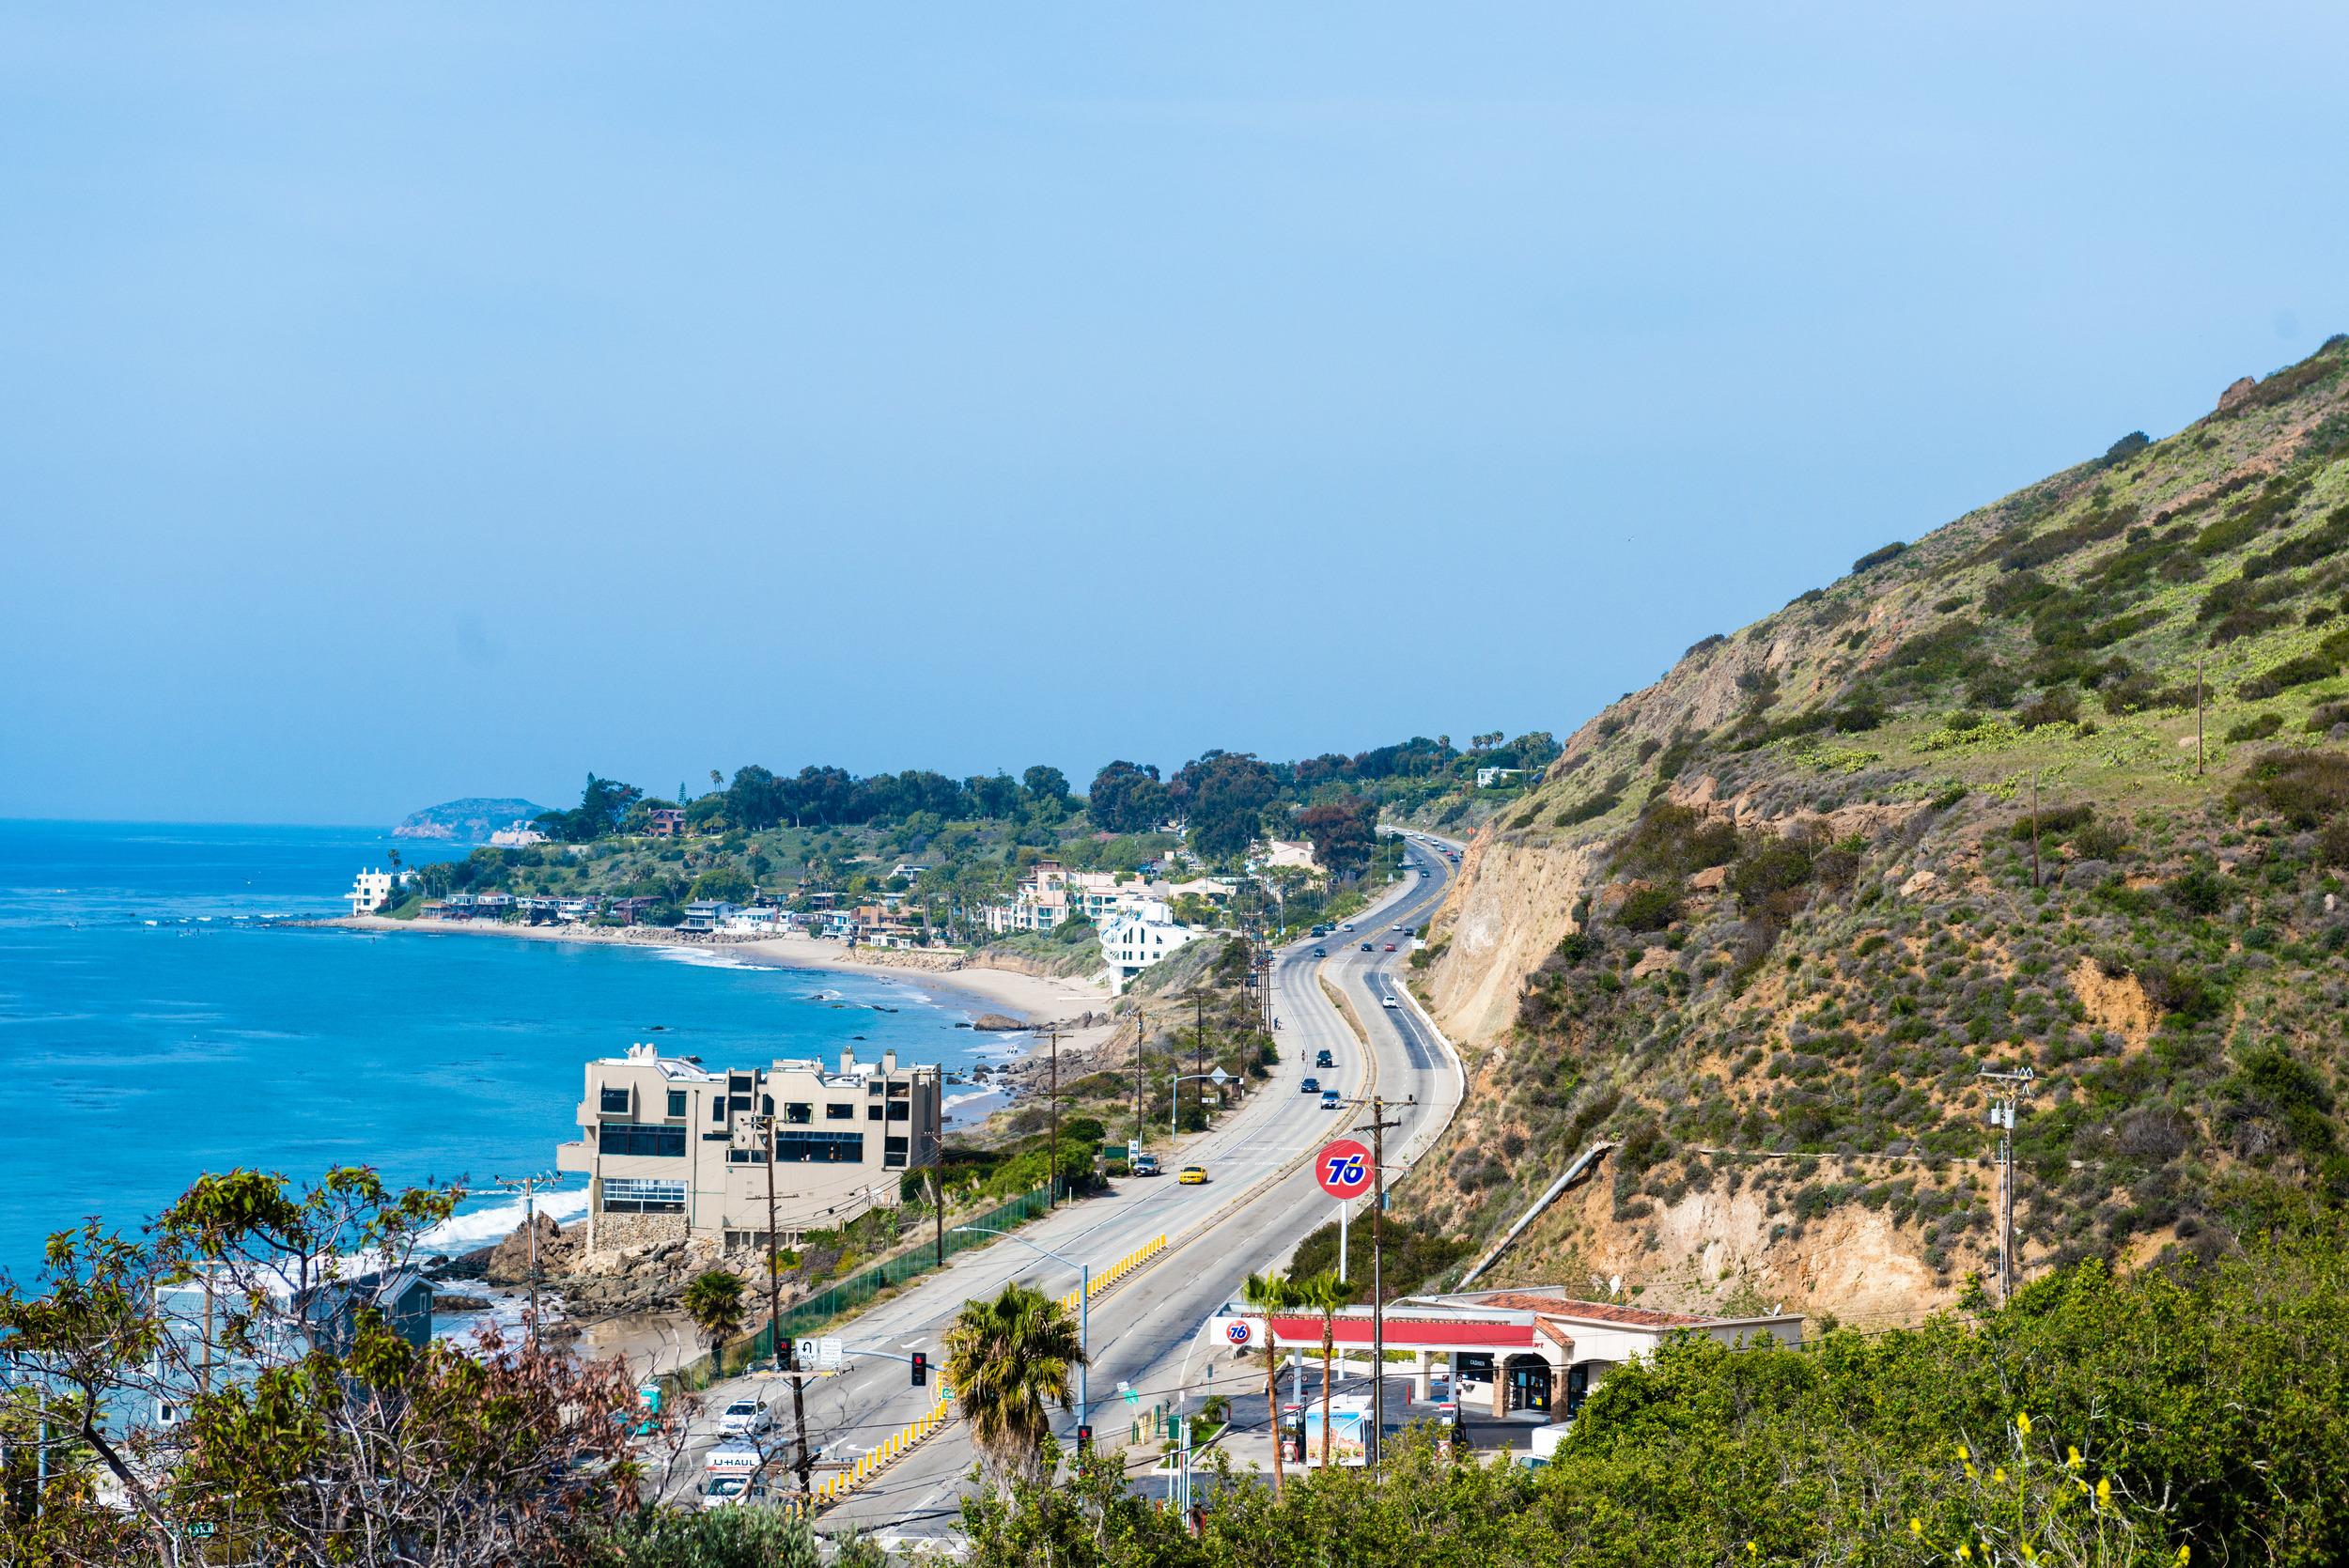 PCH in Malibu, California